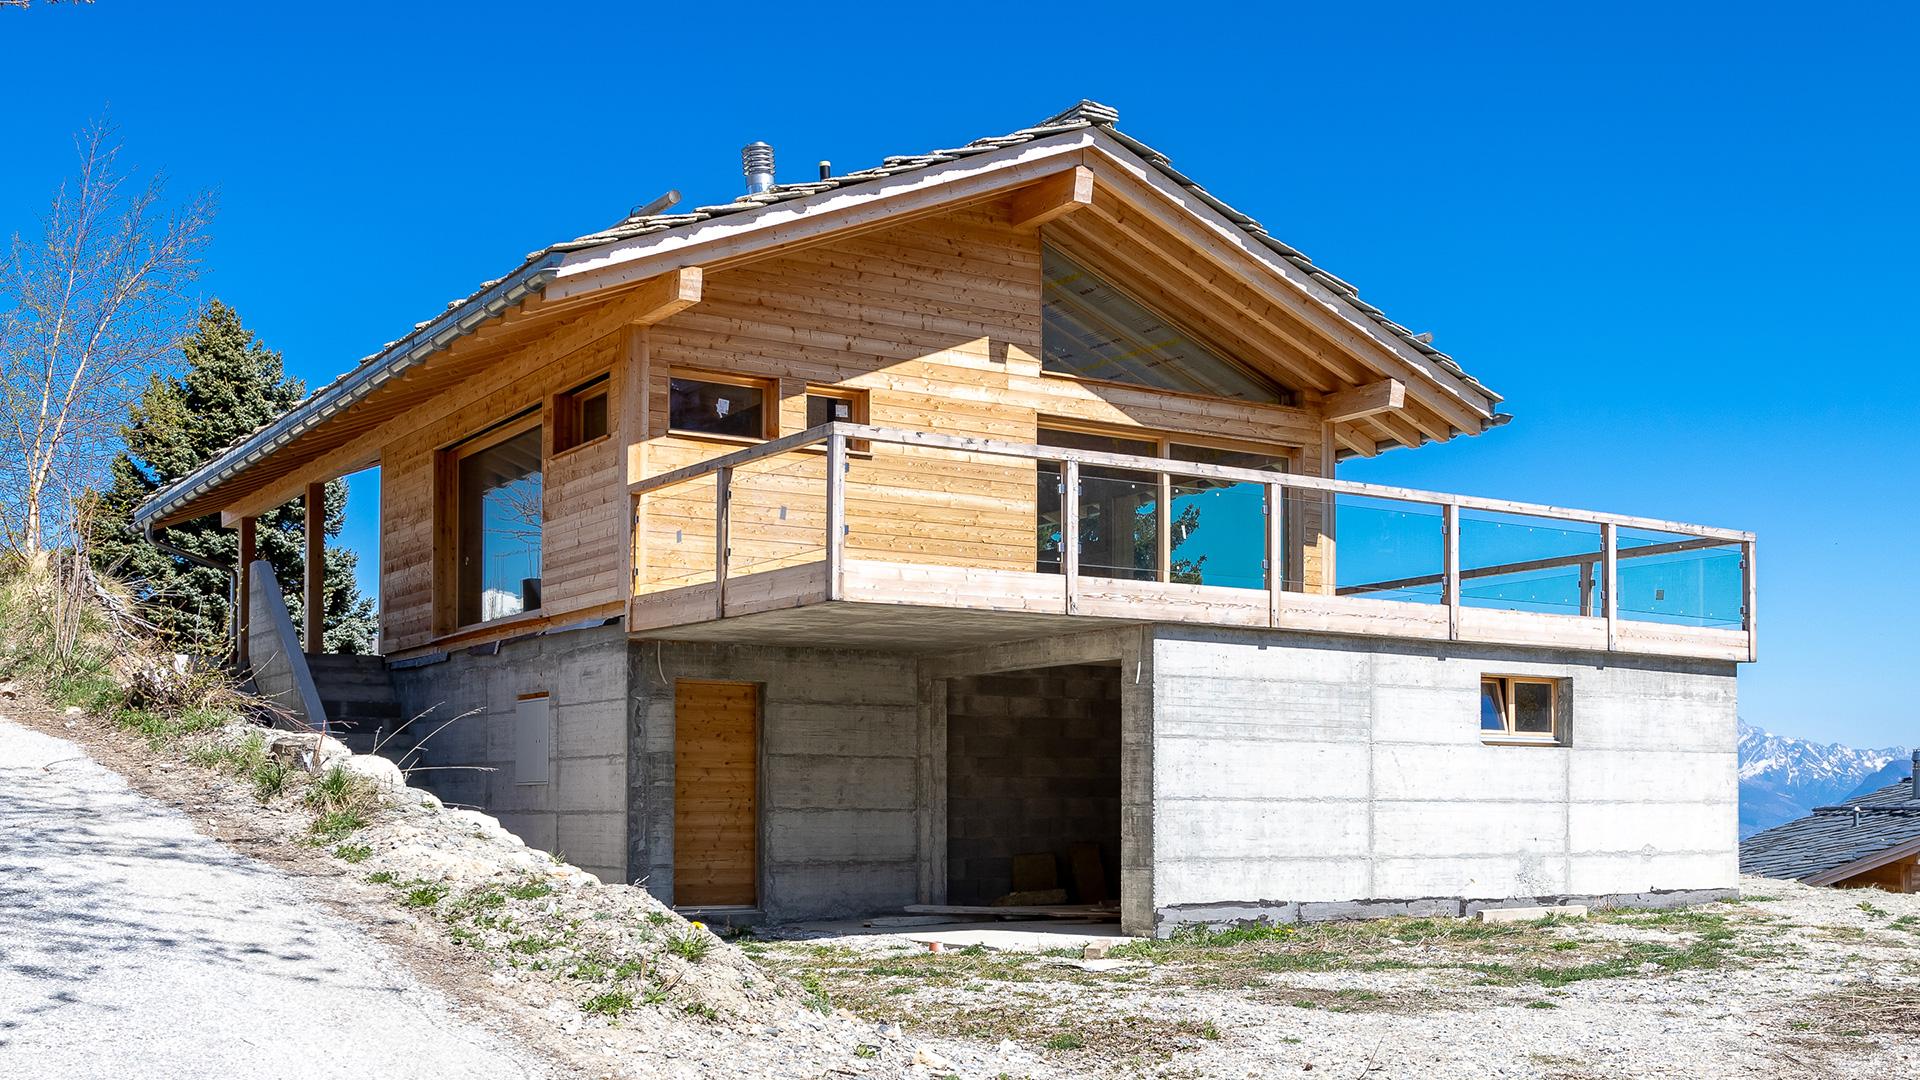 Chalet Pacifique Chalet, Switzerland